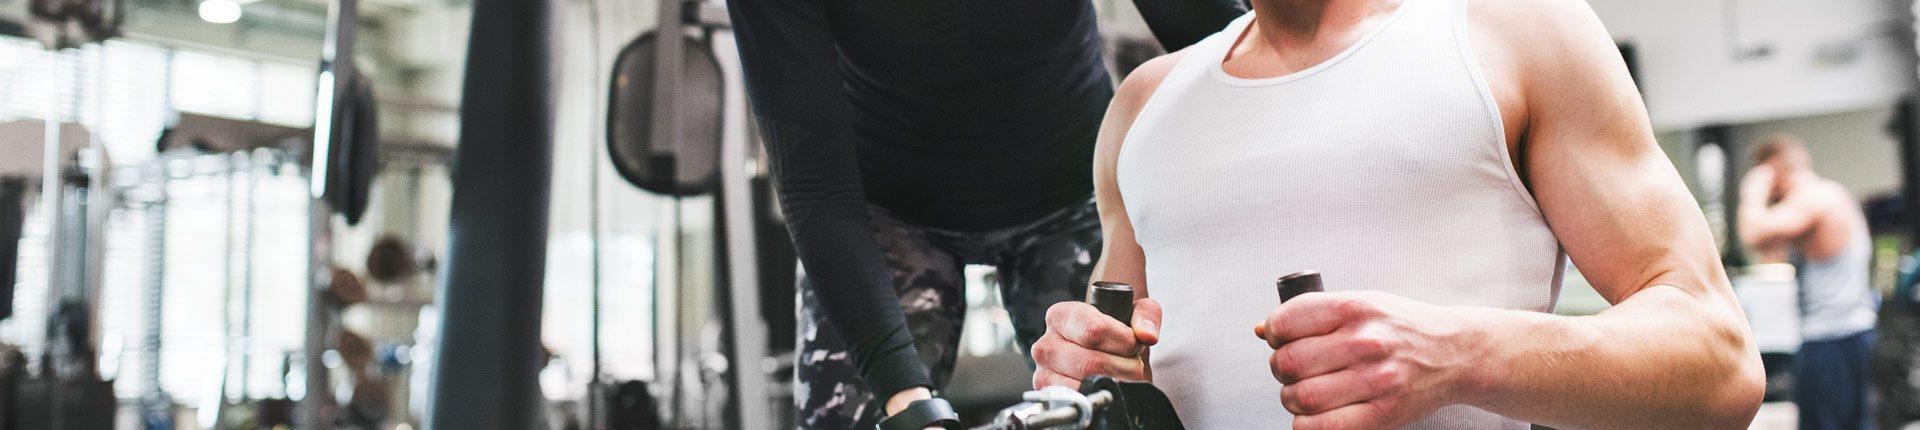 Okiem fizjoterapeuty: Trening siłowy w młodym wieku, od kiedy zacząć?